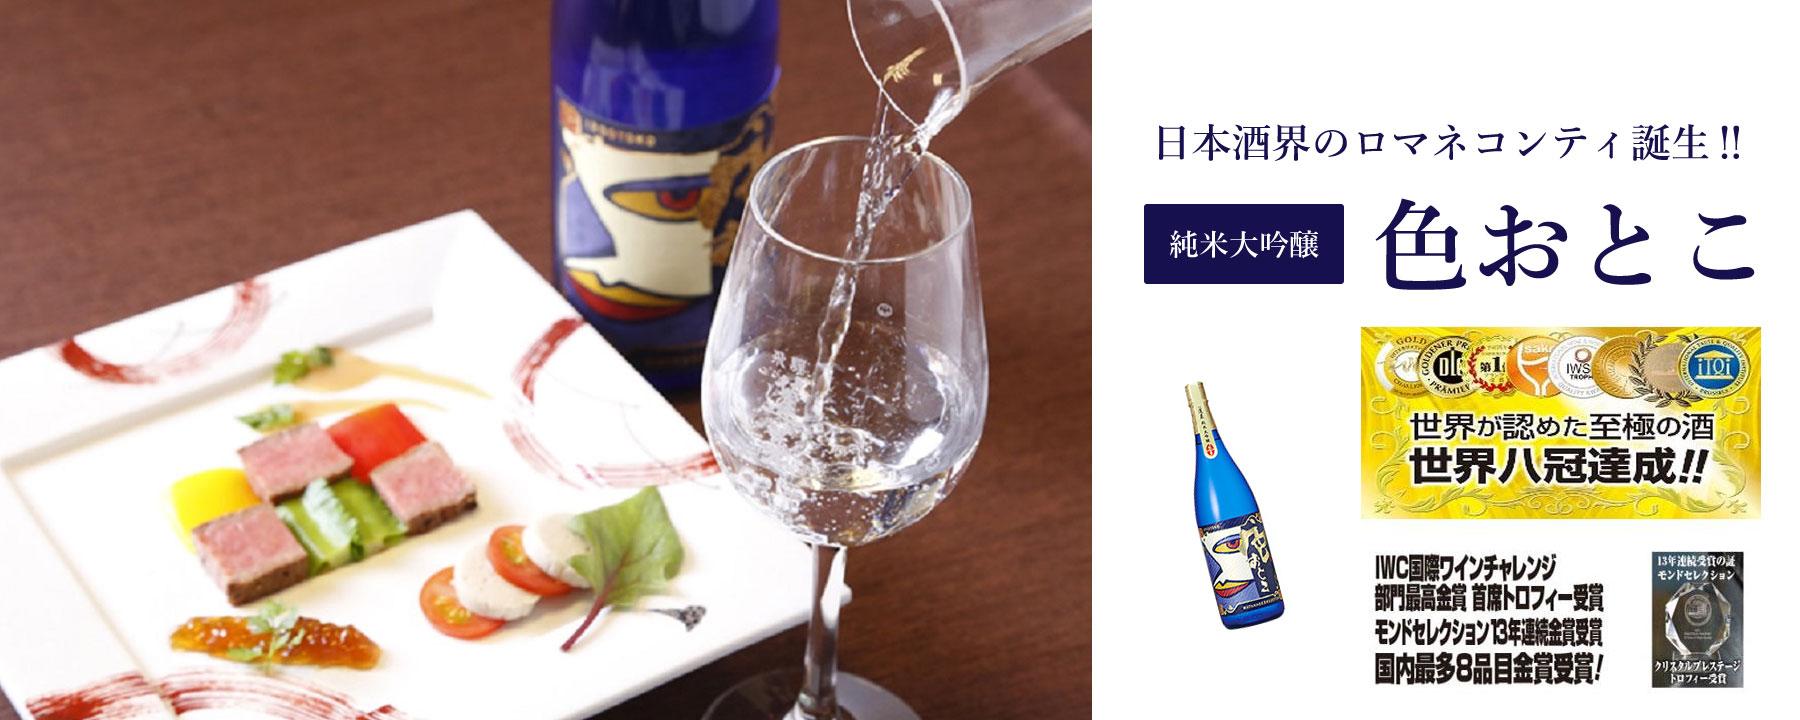 日本酒界のロマネコンティ誕生!色おとこ